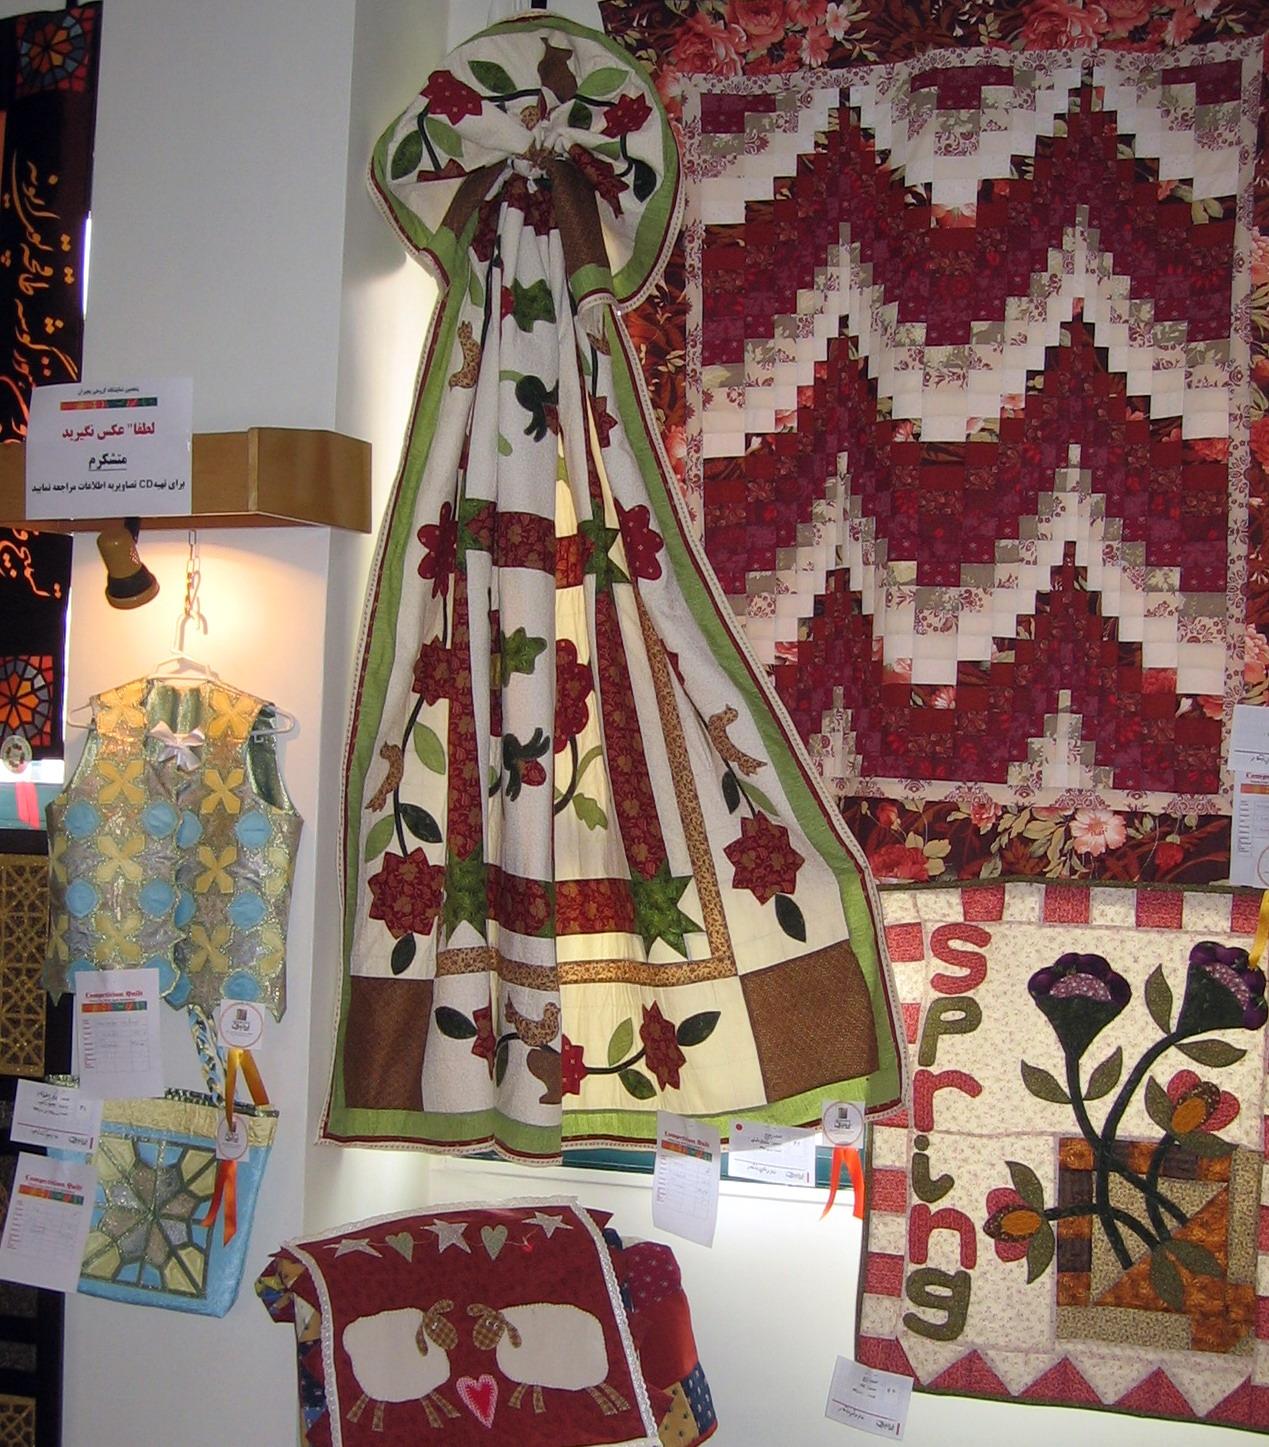 2010 Exhibition